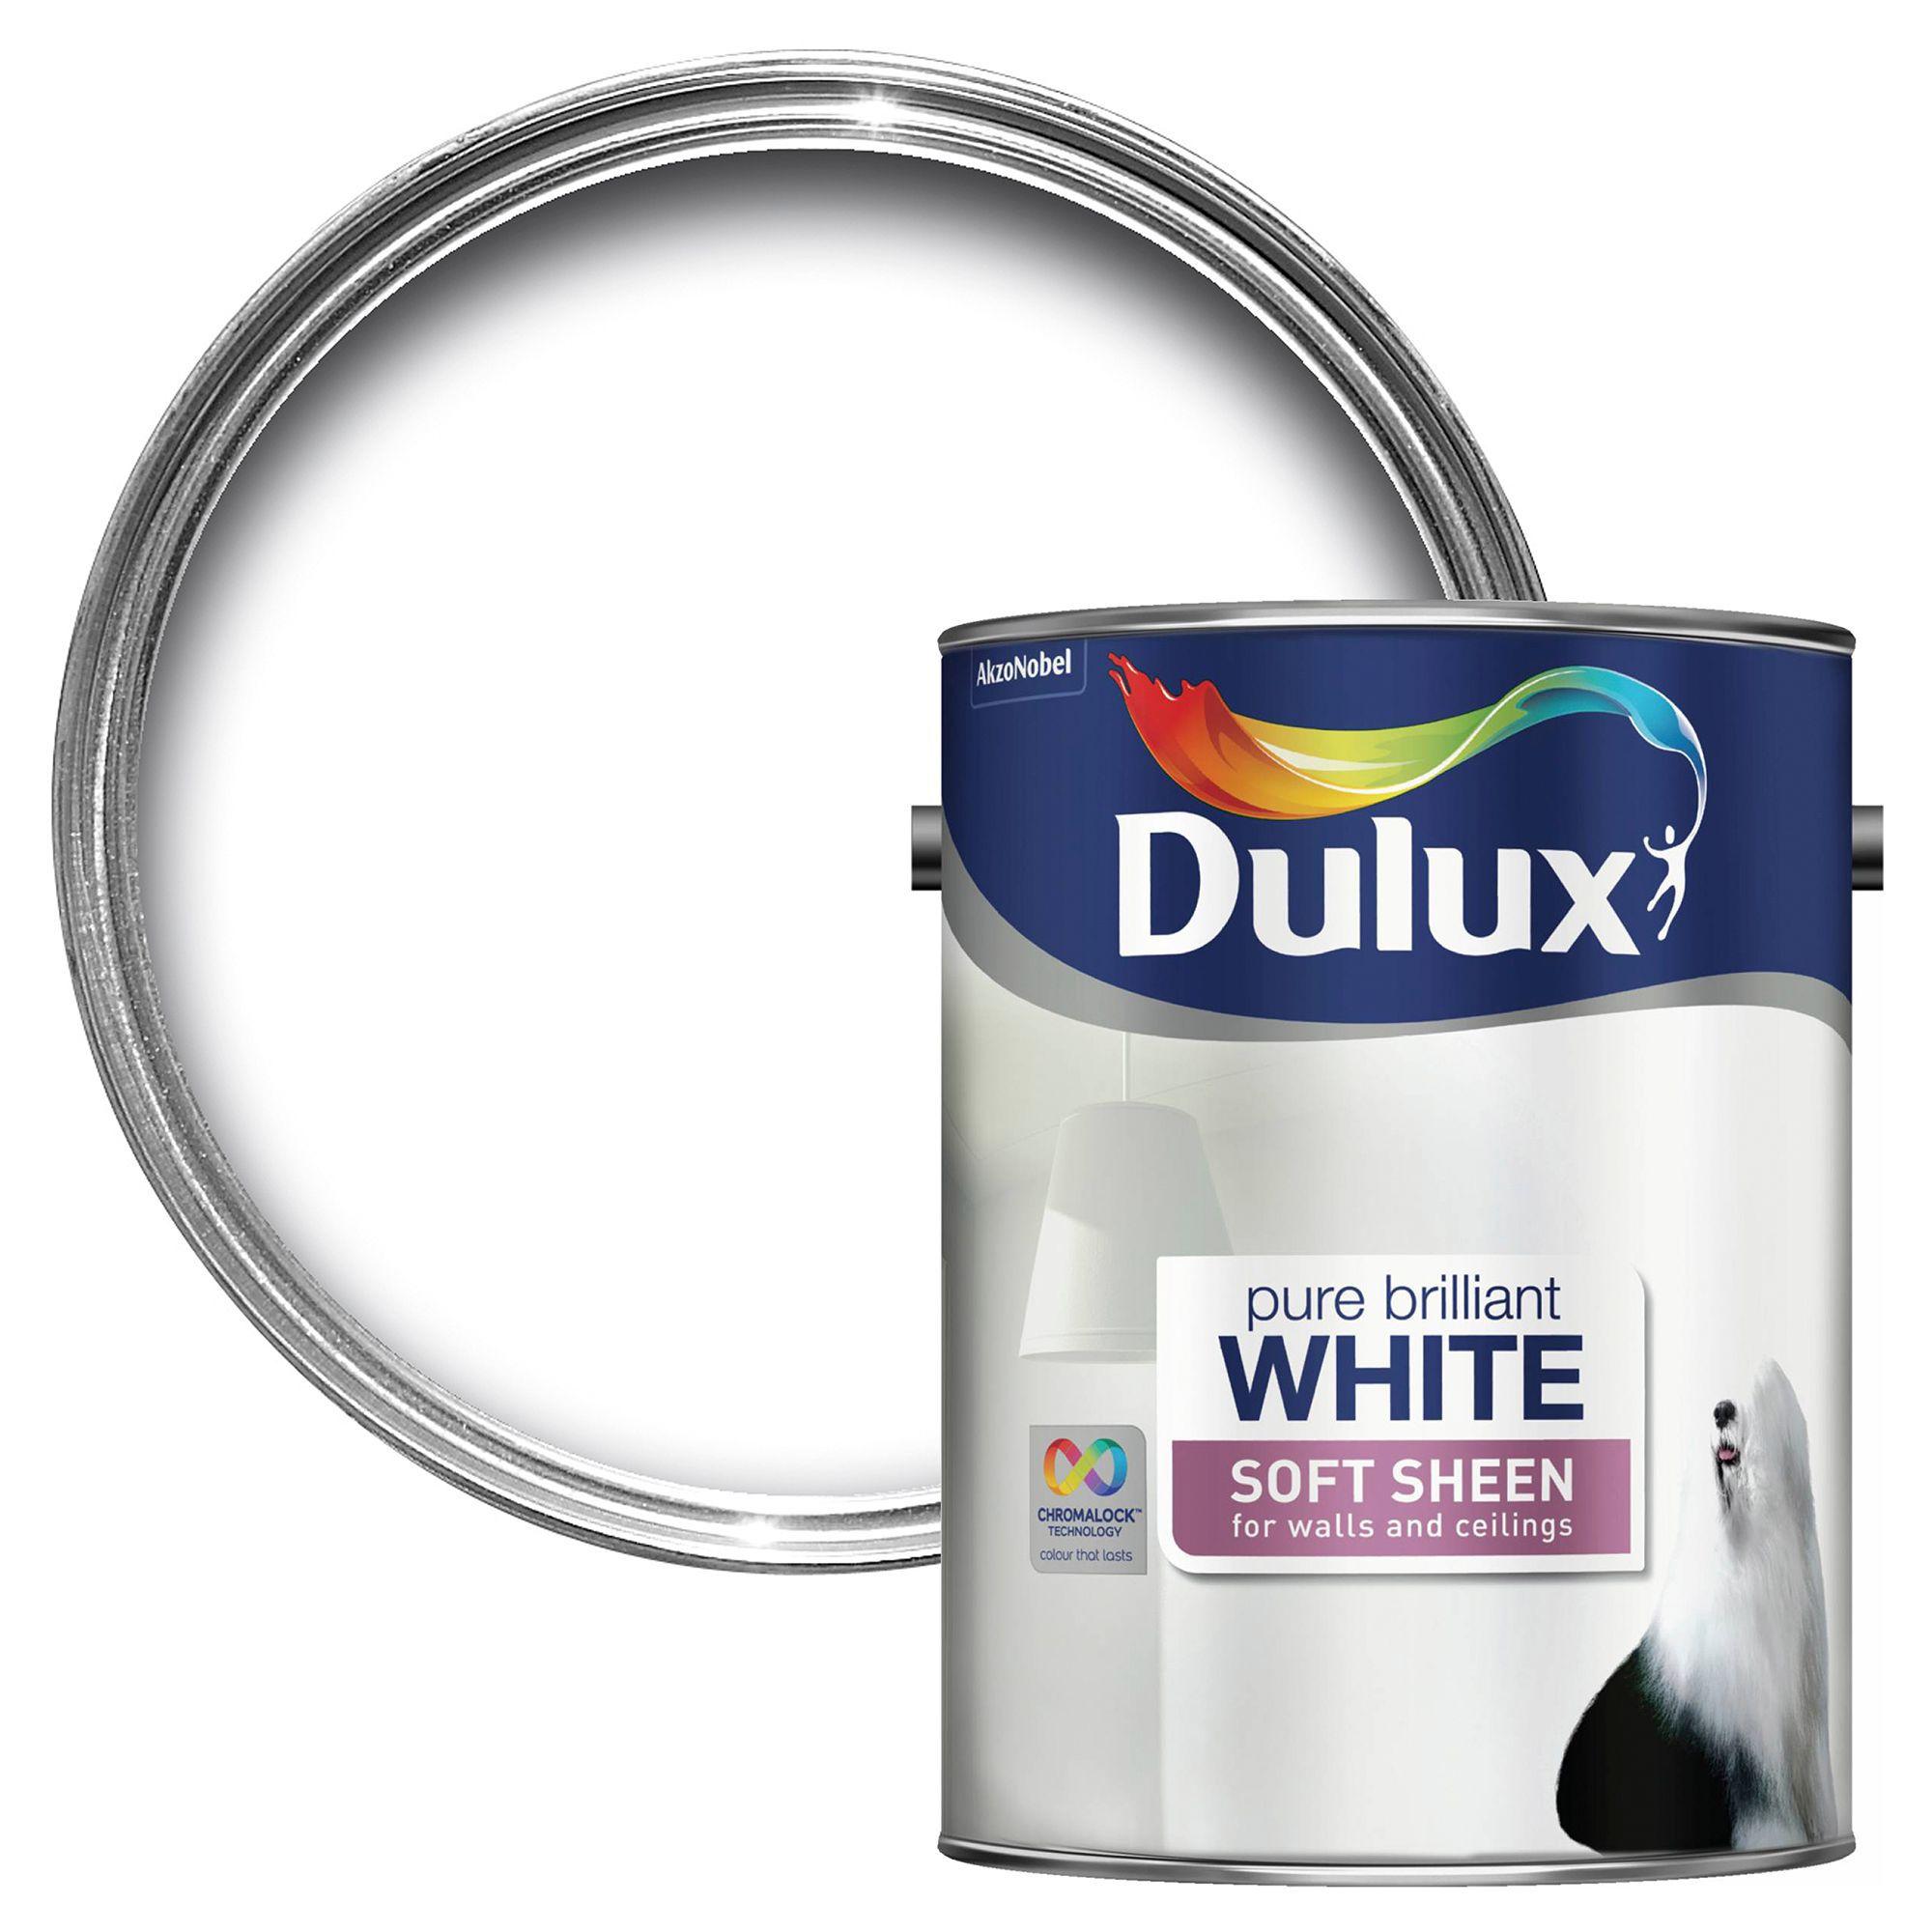 Dulux Pure Brilliant White Soft Sheen Emulsion Paint 5 L Departments Diy At B Q